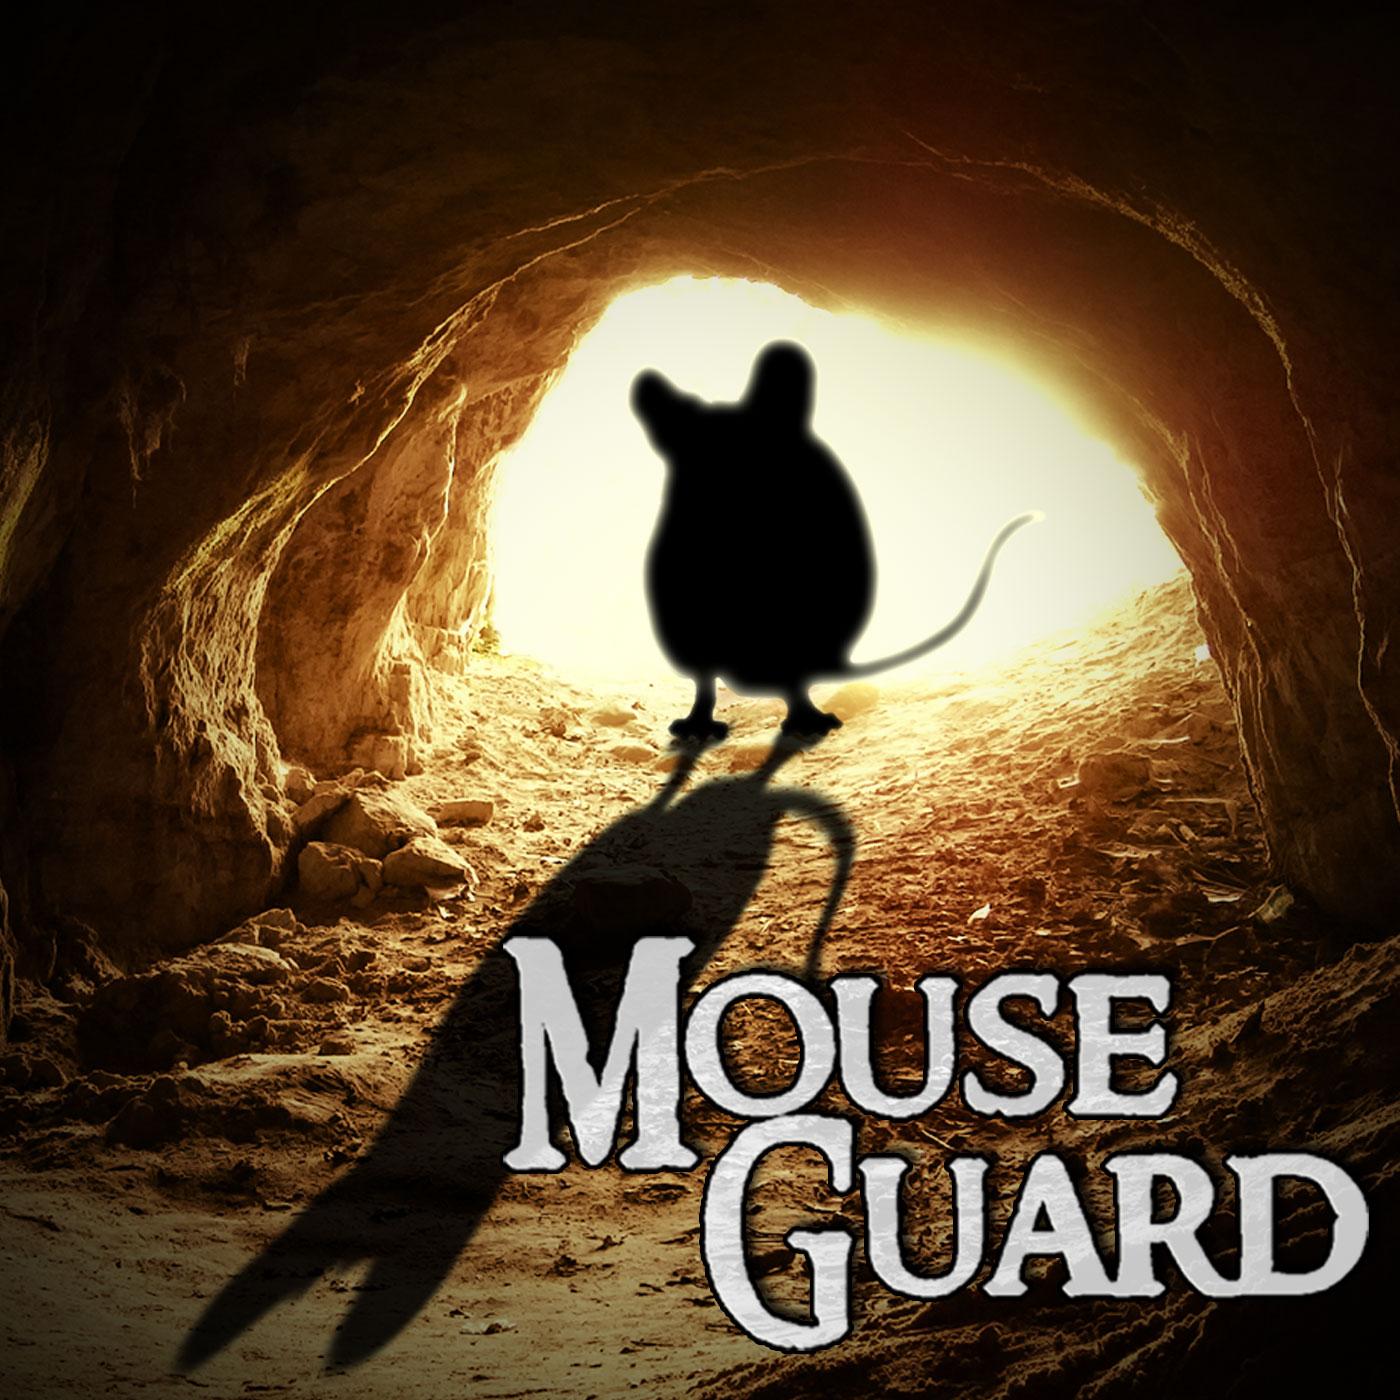 Mouseguard-Titlecard-NoLogo.jpg